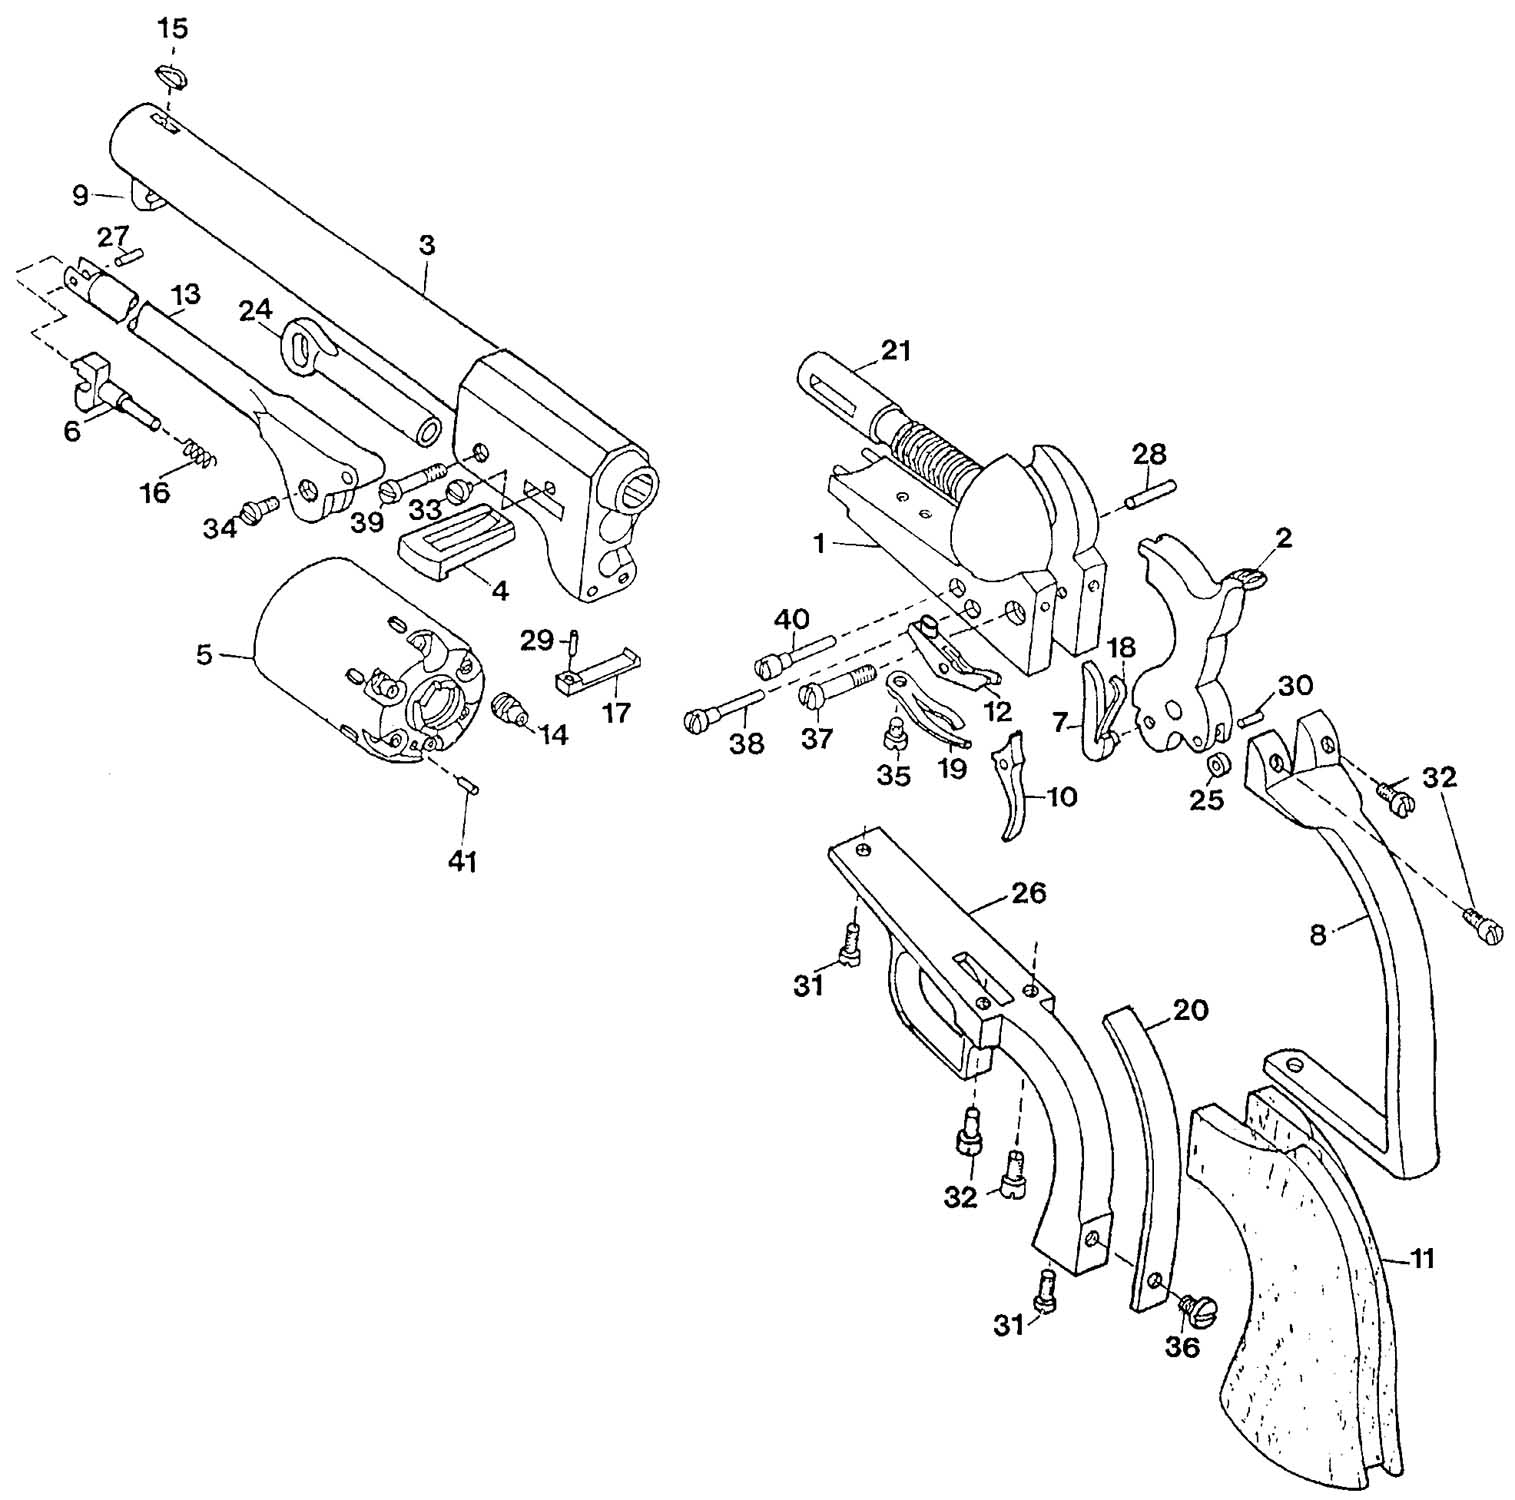 Black Powder Revolver Schematics